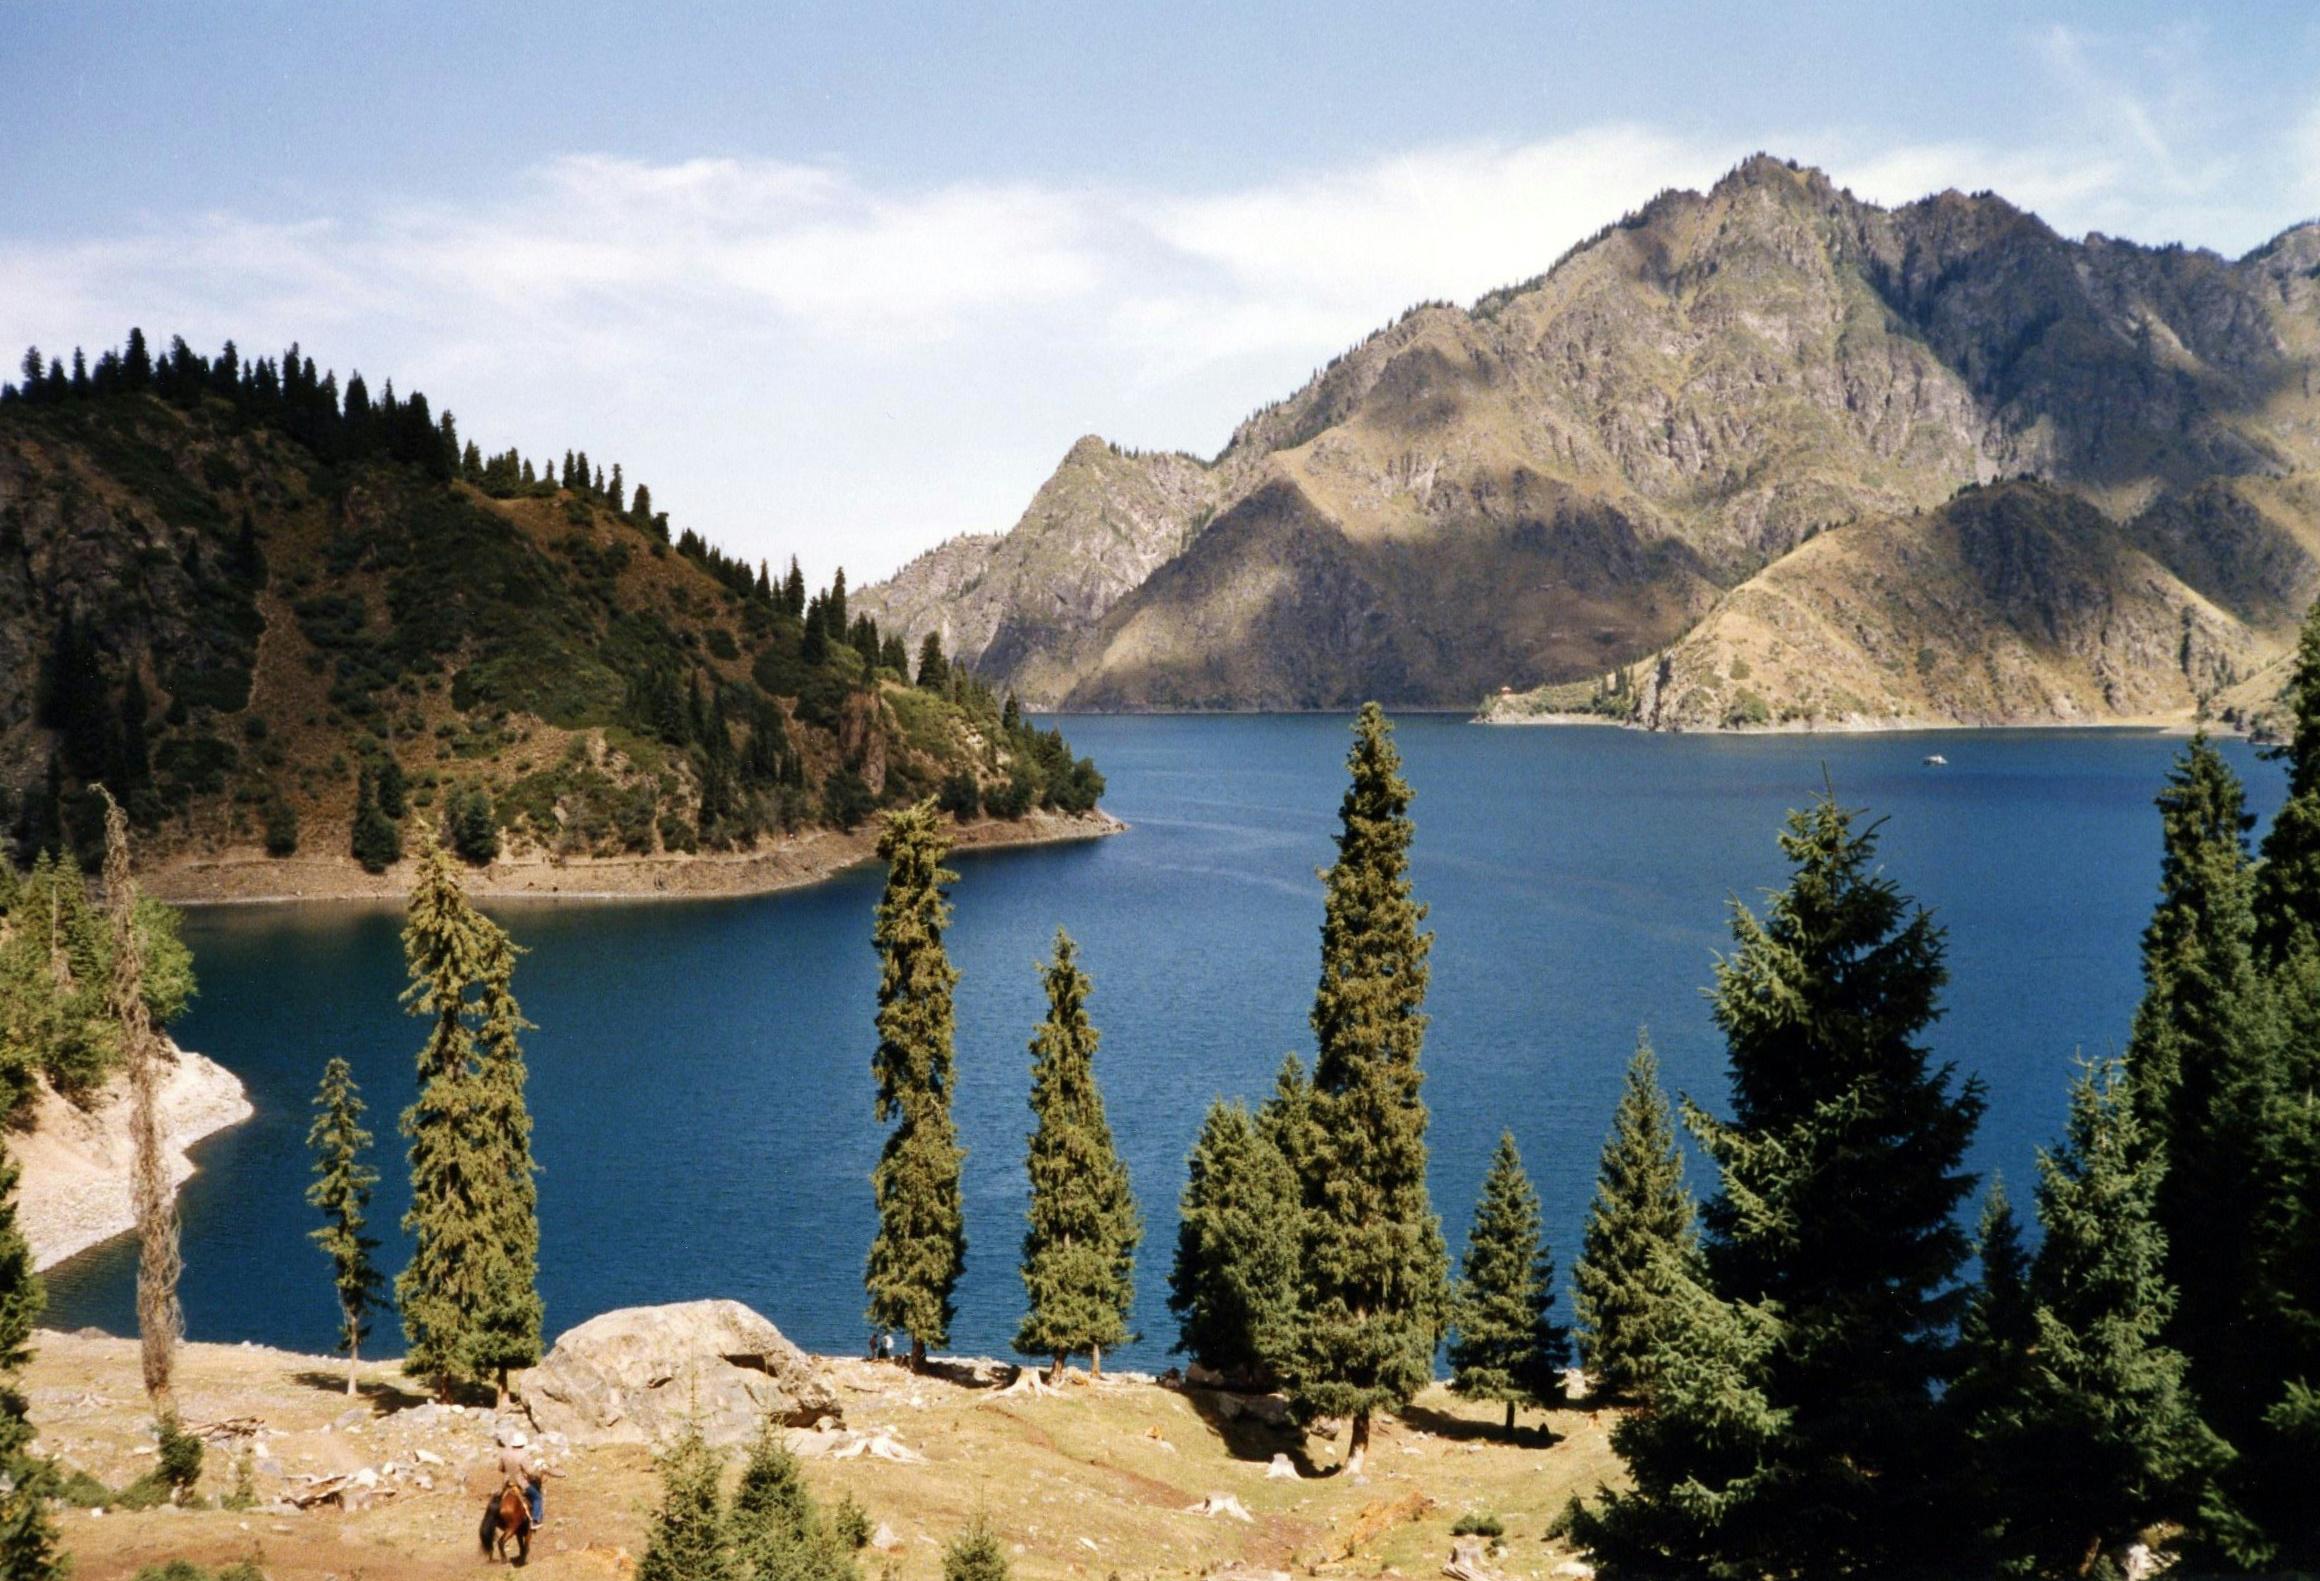 Tianchi lake.